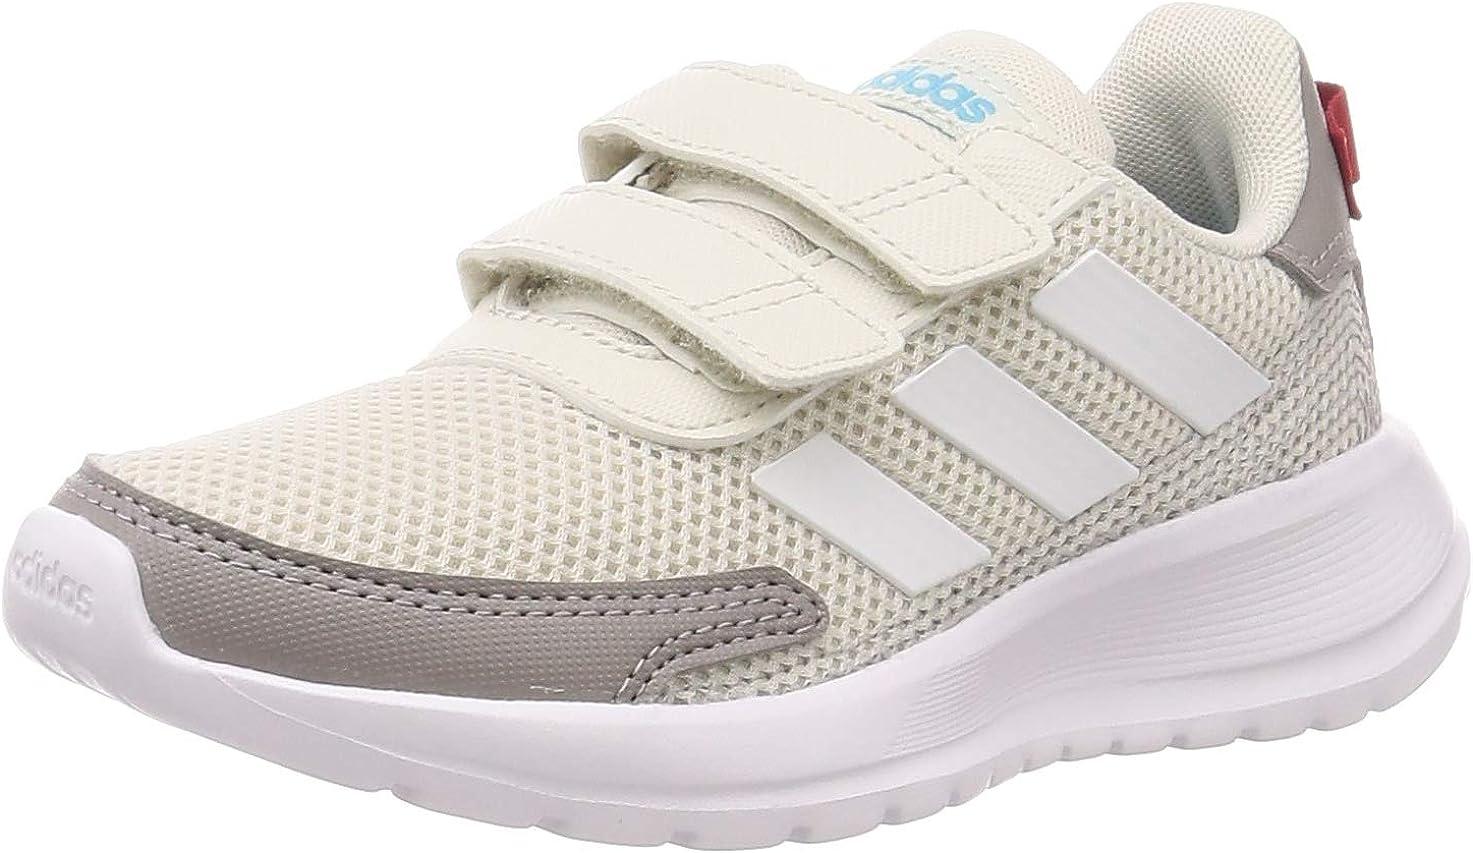 adidas Tensaur, Zapatillas para Correr Unisex niños: Amazon.es: Zapatos y complementos